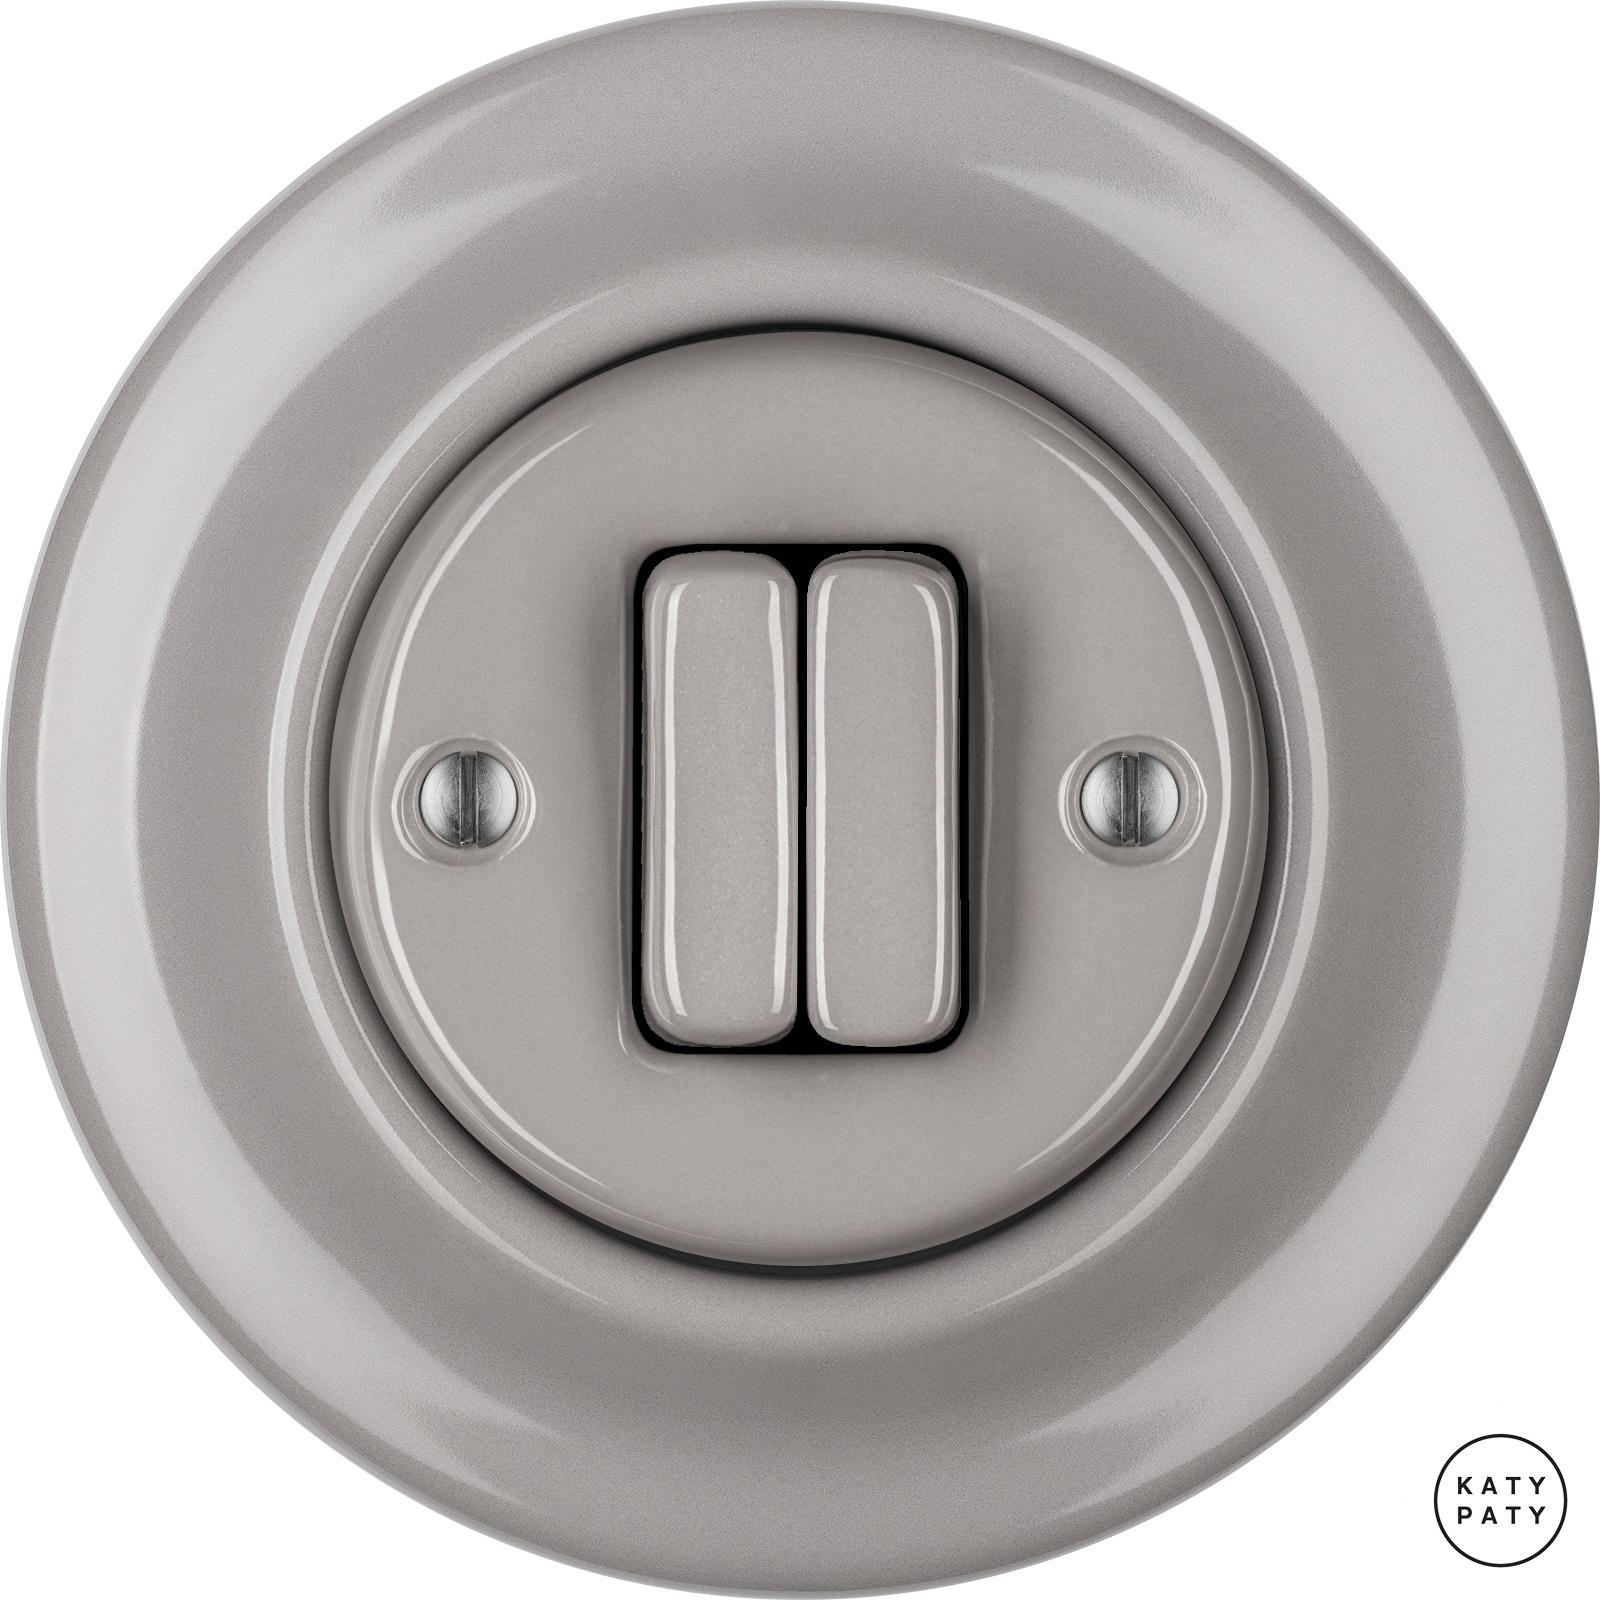 Ungewöhnlich Einpoliges Lichtschalter Diagramm Bilder - Elektrische ...